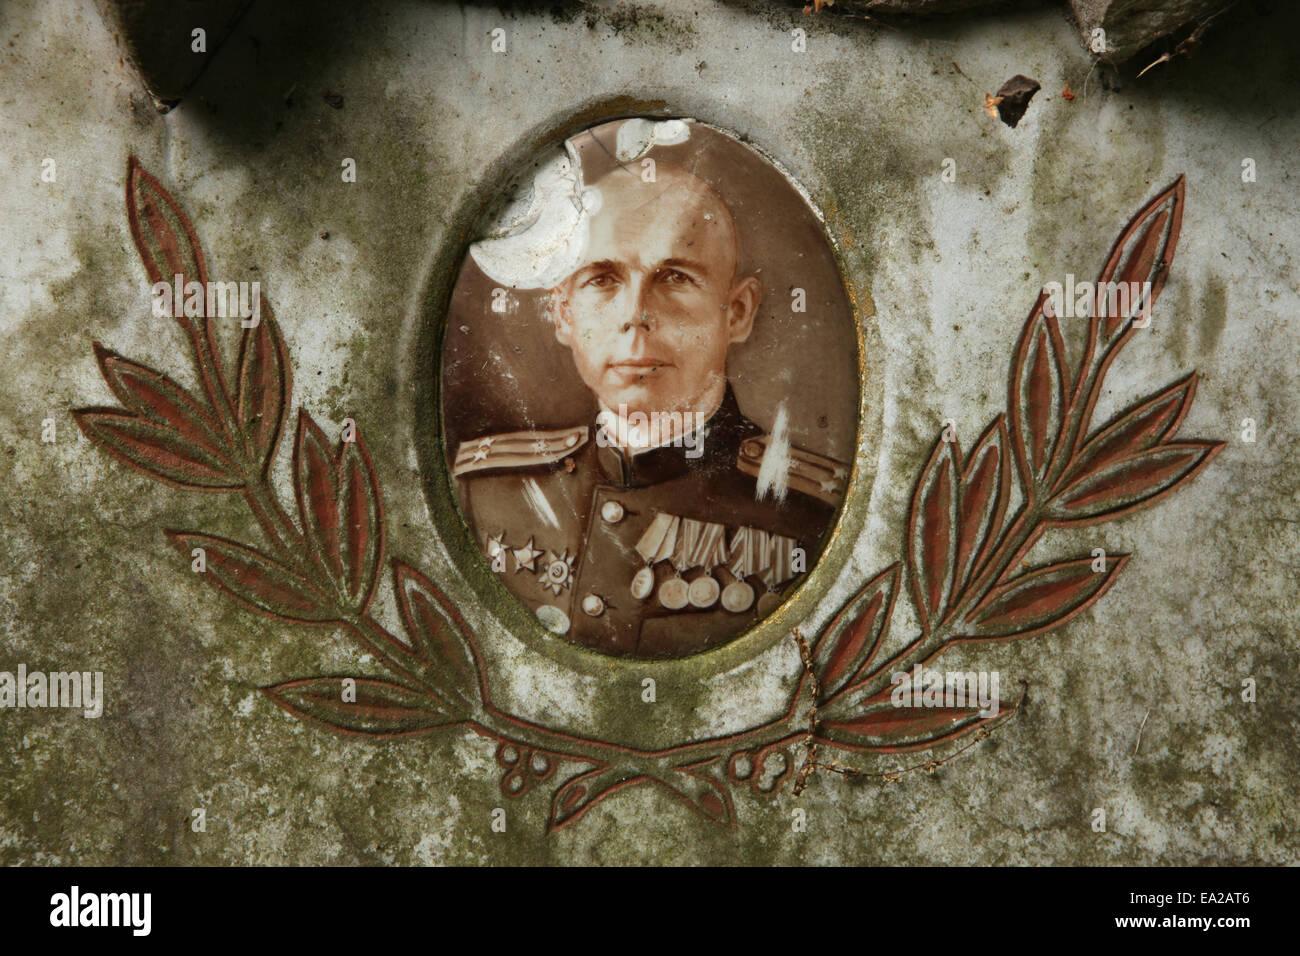 Foto rota en la tumba del oficial militar soviético Ivan Schelkov guarnición soviética en el cementerio Imagen De Stock